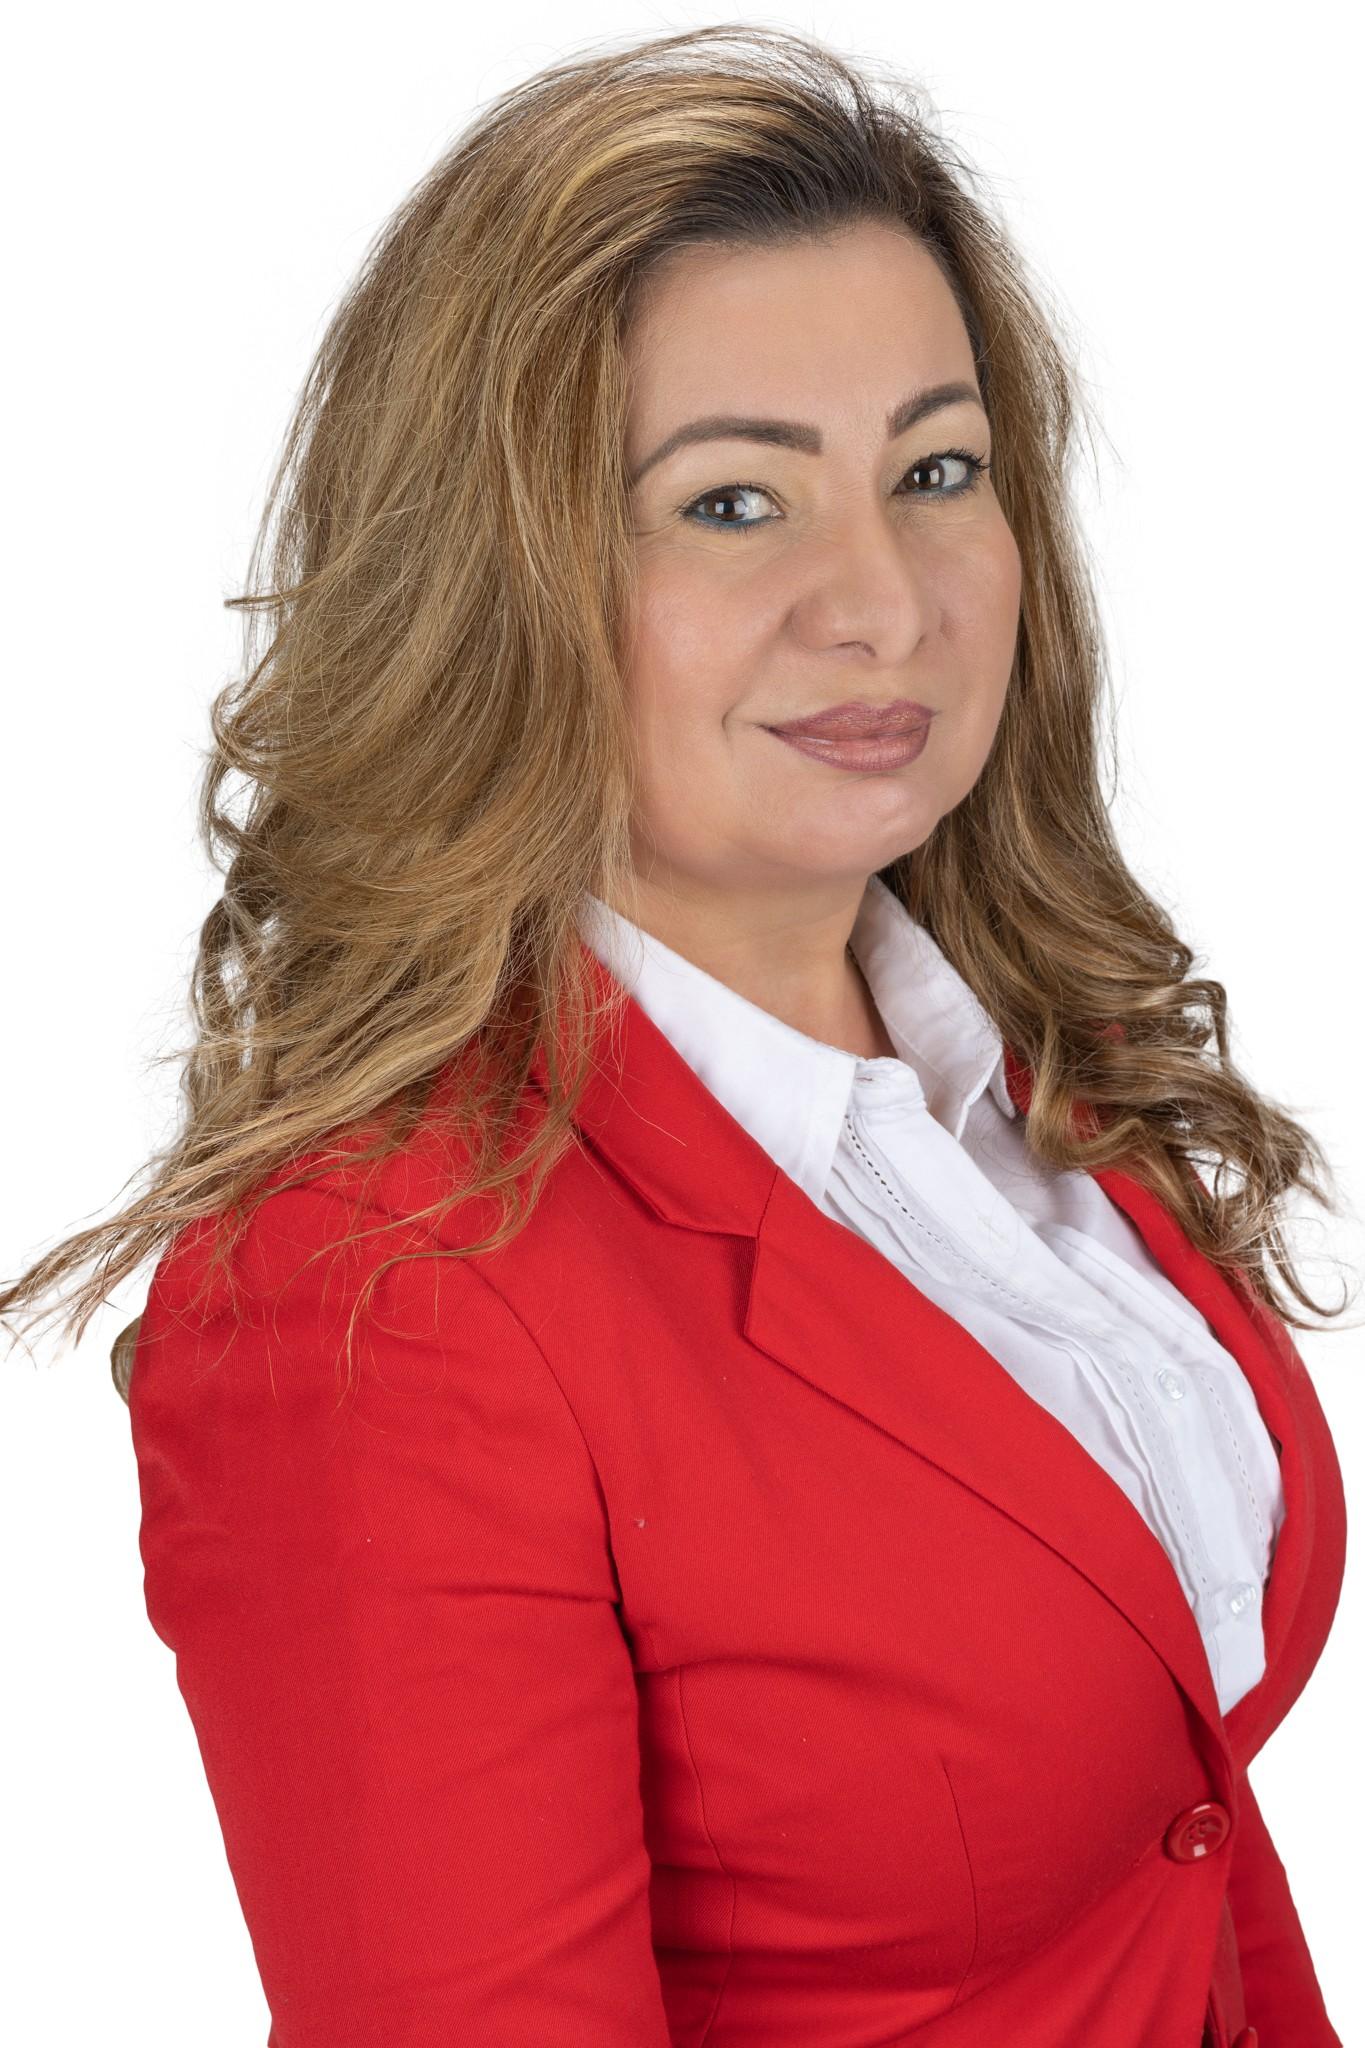 Yasmira Chacón